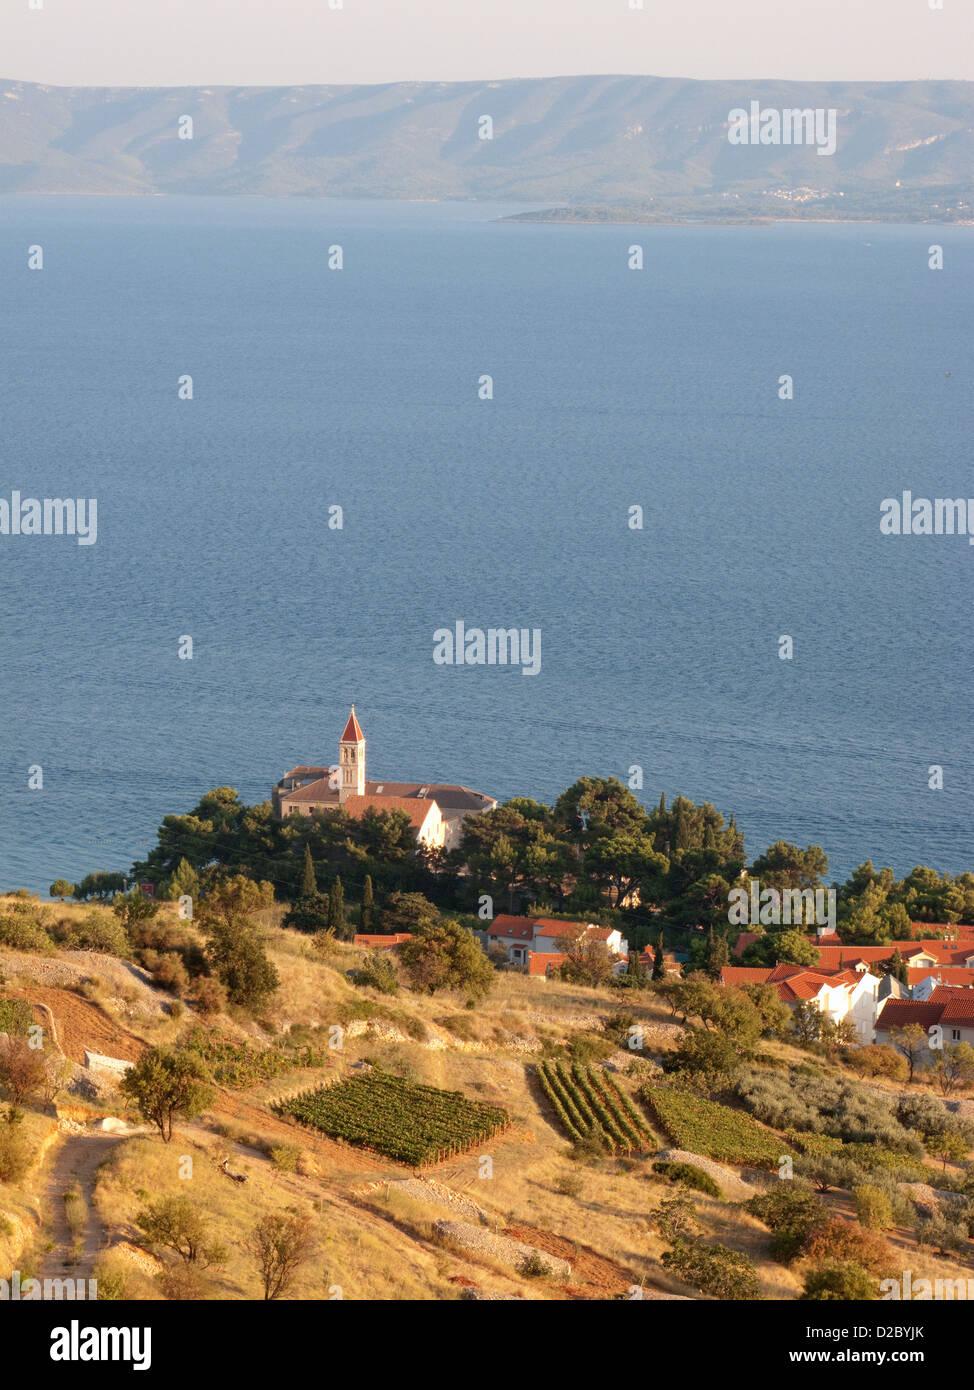 Bol, Croatie, l'île de Brac avec la ville historique de Bol Photo Stock